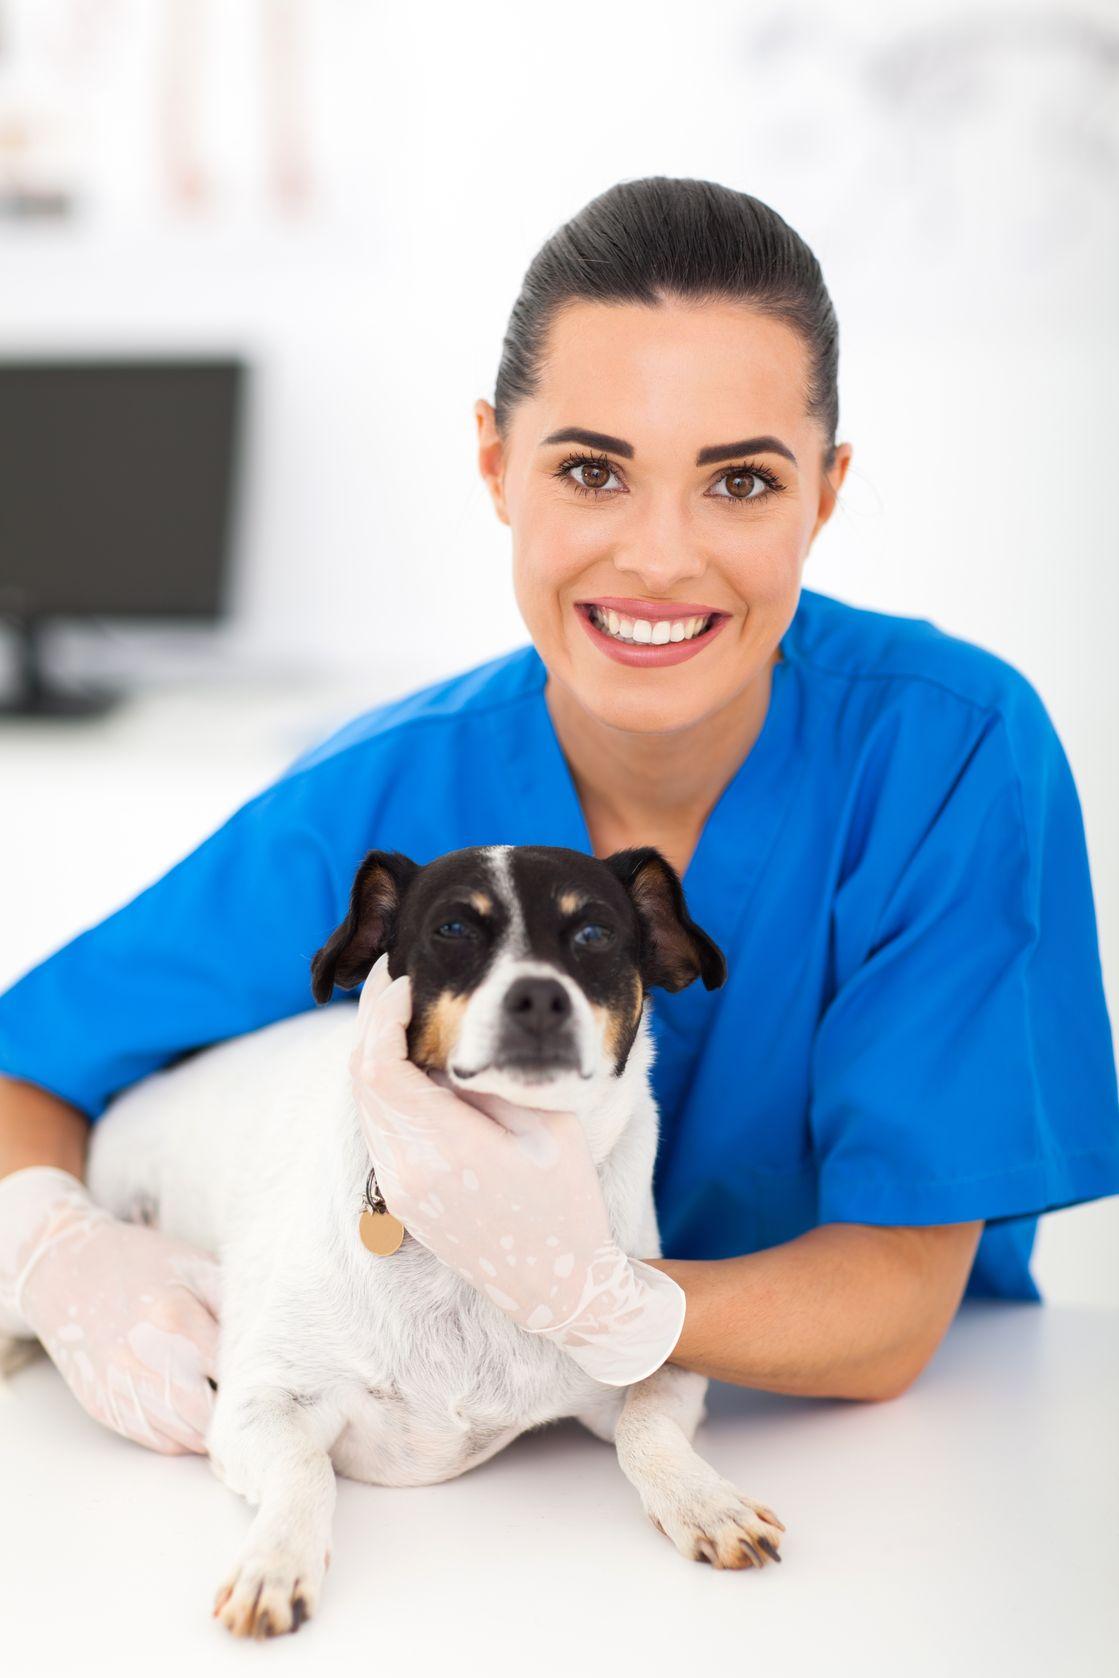 Tierarzthelferin mit Hund